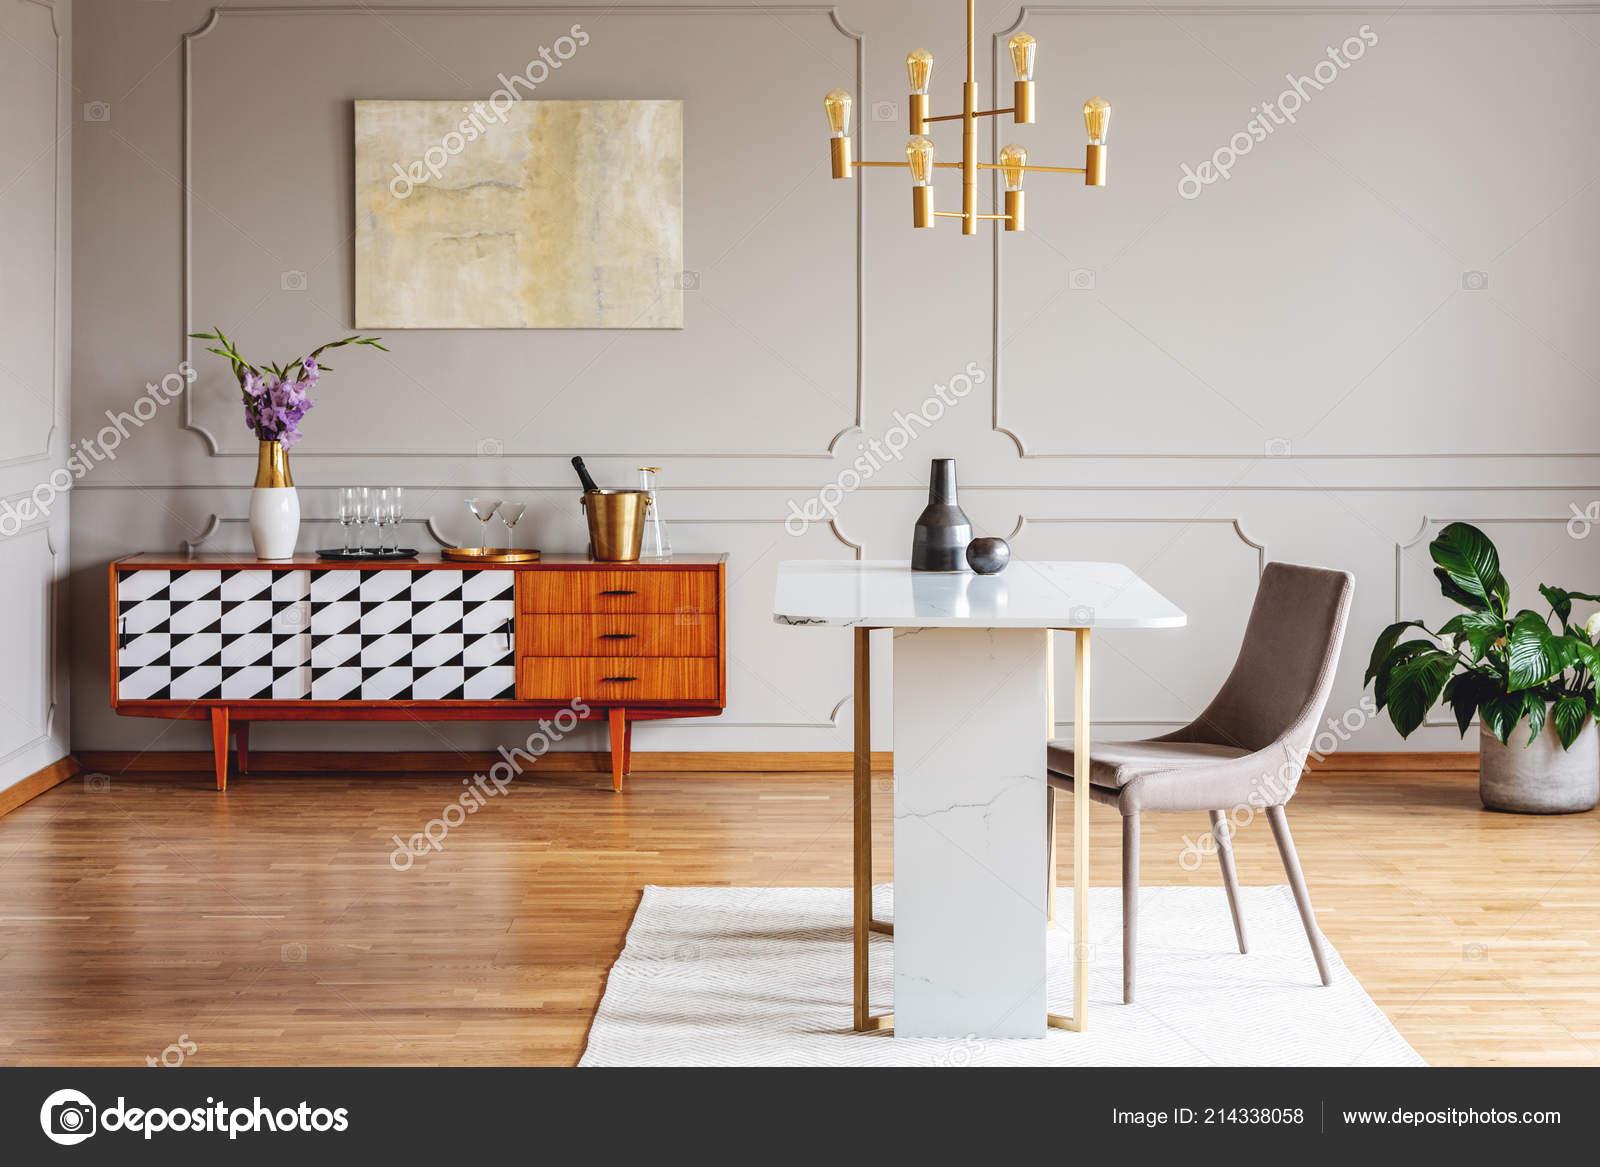 Blumen Auf Holzernen Schrank Innen Grau Loft Mit Stuhl Tisch